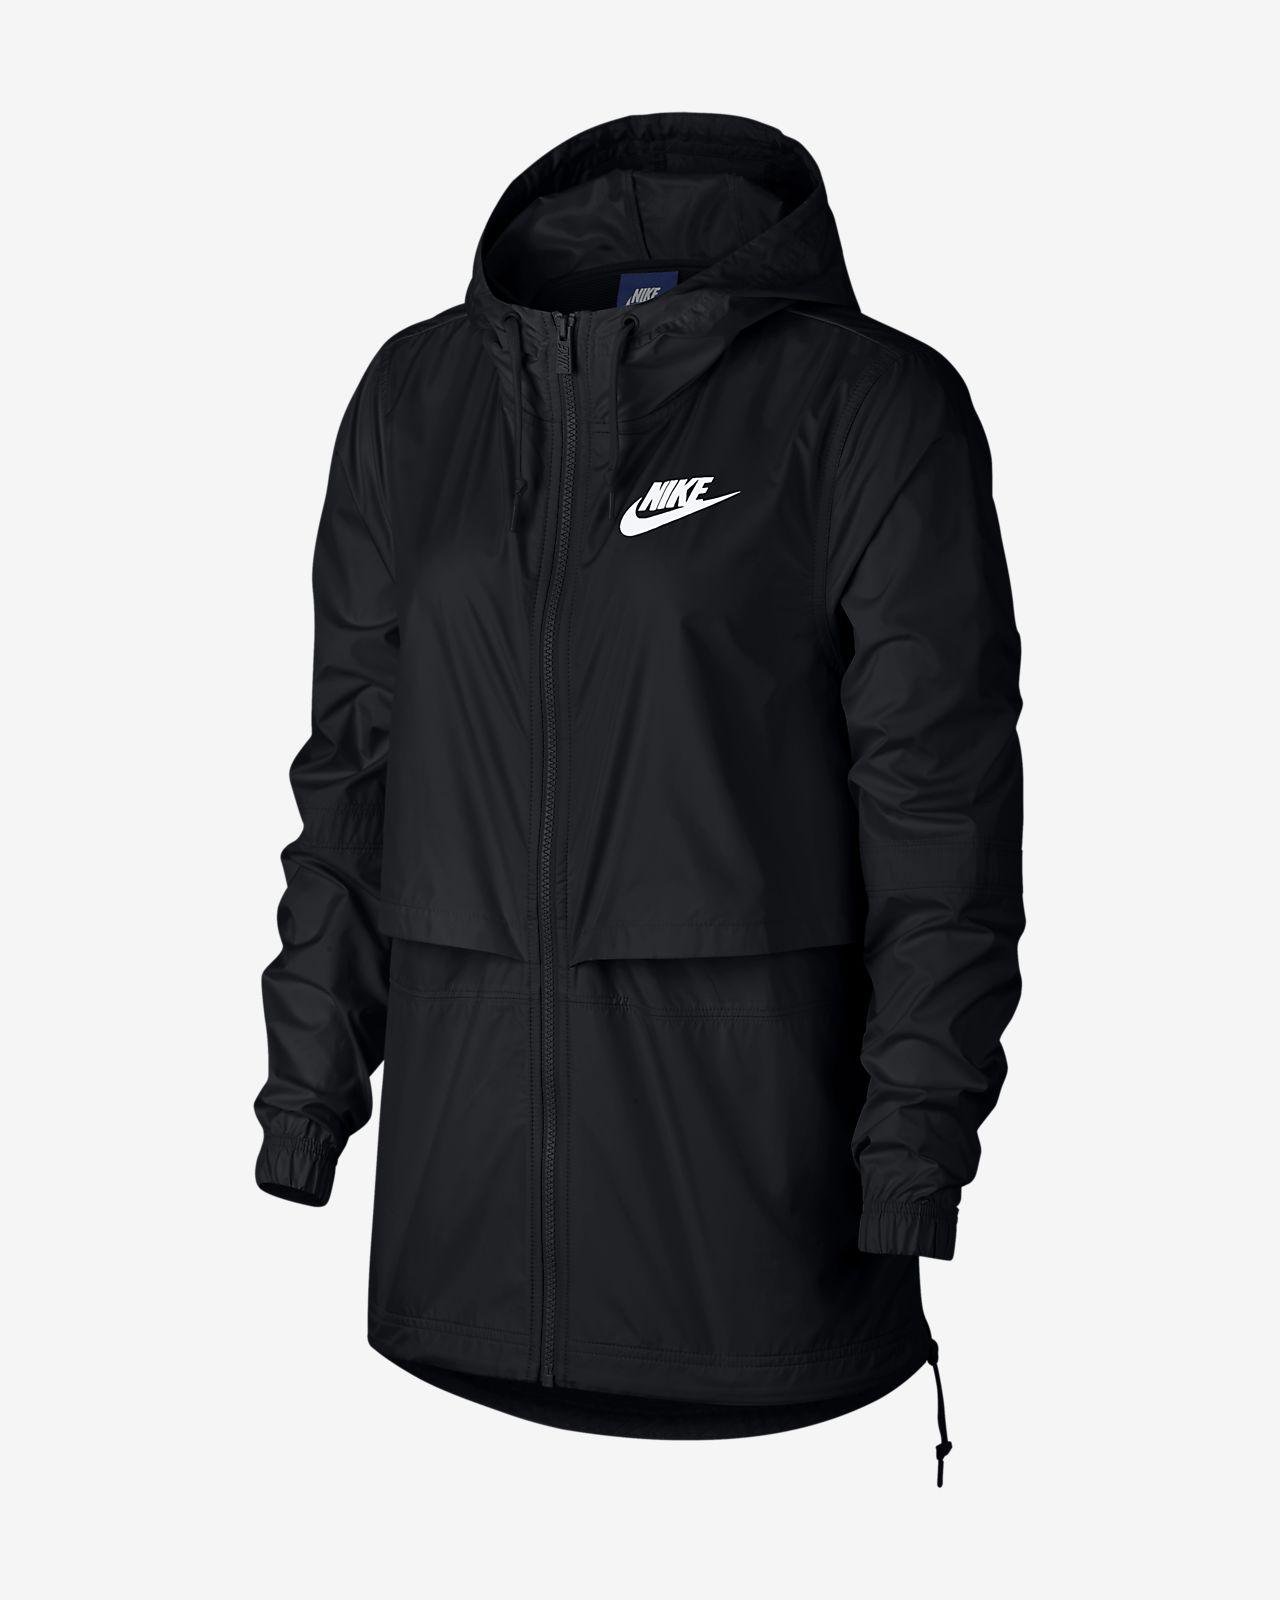 NIKE GIACCA RUNNER Women's Jacket taglia 44 48 maglia